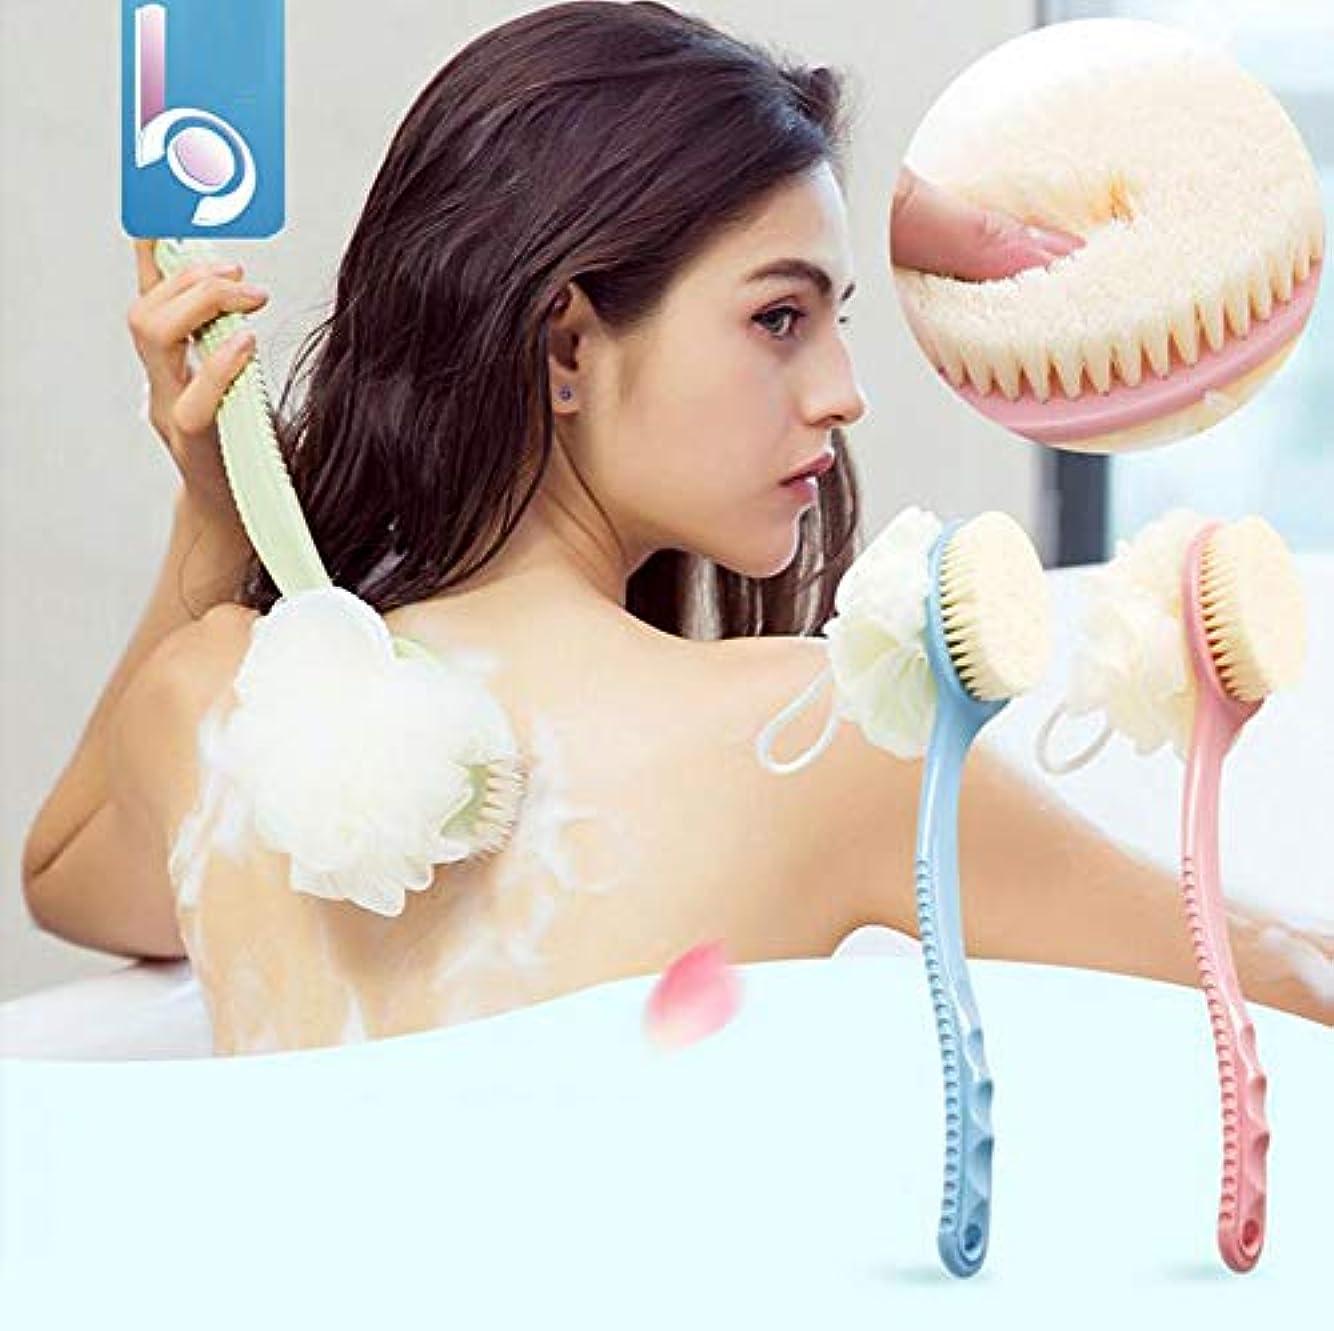 句薬を飲むあいまいなロングハンドルバスブラシ、ソフトファーバスタオル入浴バックセルライトスクラブのための入浴アーティファクト,Pink